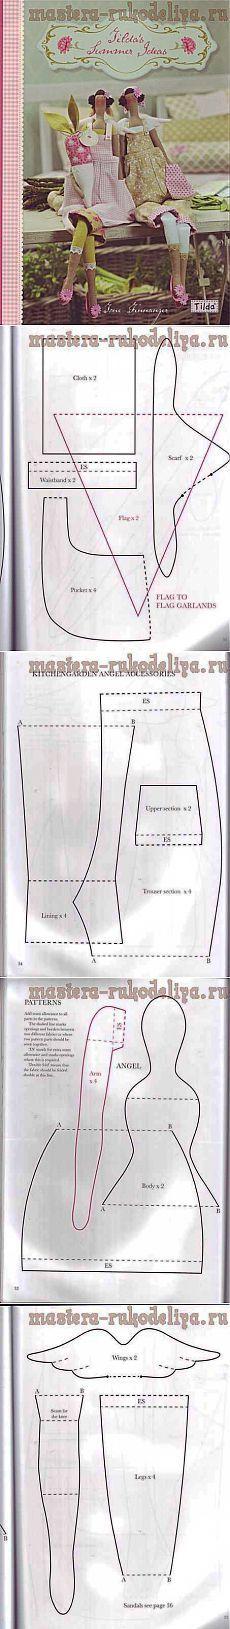 Artesanías Master - Manualidades para el hogar.  Talleres gratuitos, foto y video tutoriales - Clase Magistral sobre la costura: Tilda Giardiniera